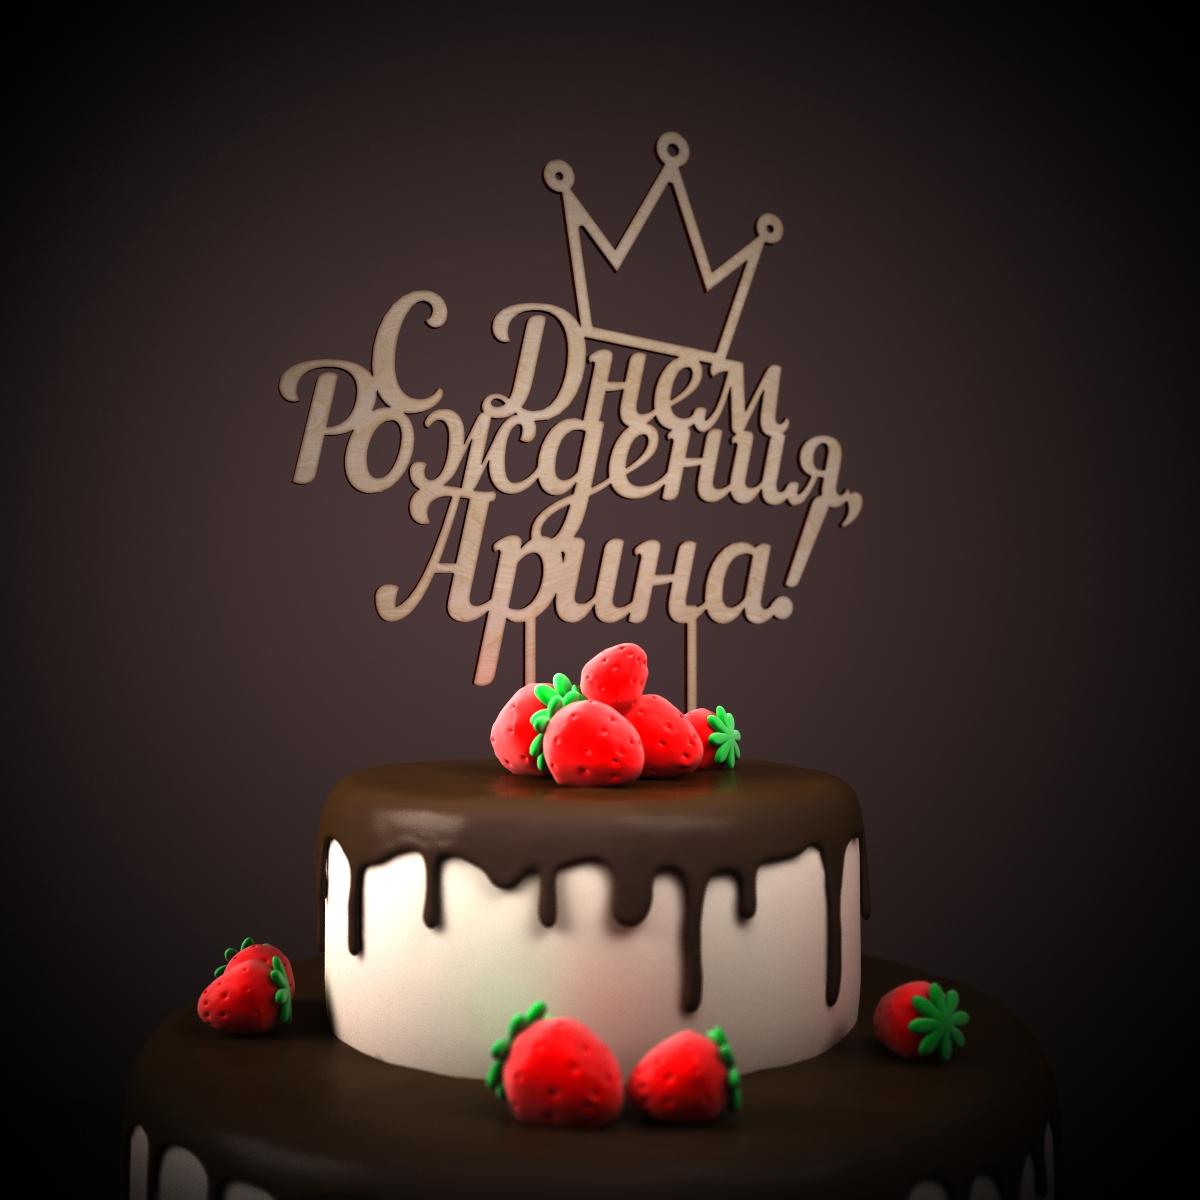 Поздравления с днем рождения арине в 13 лет